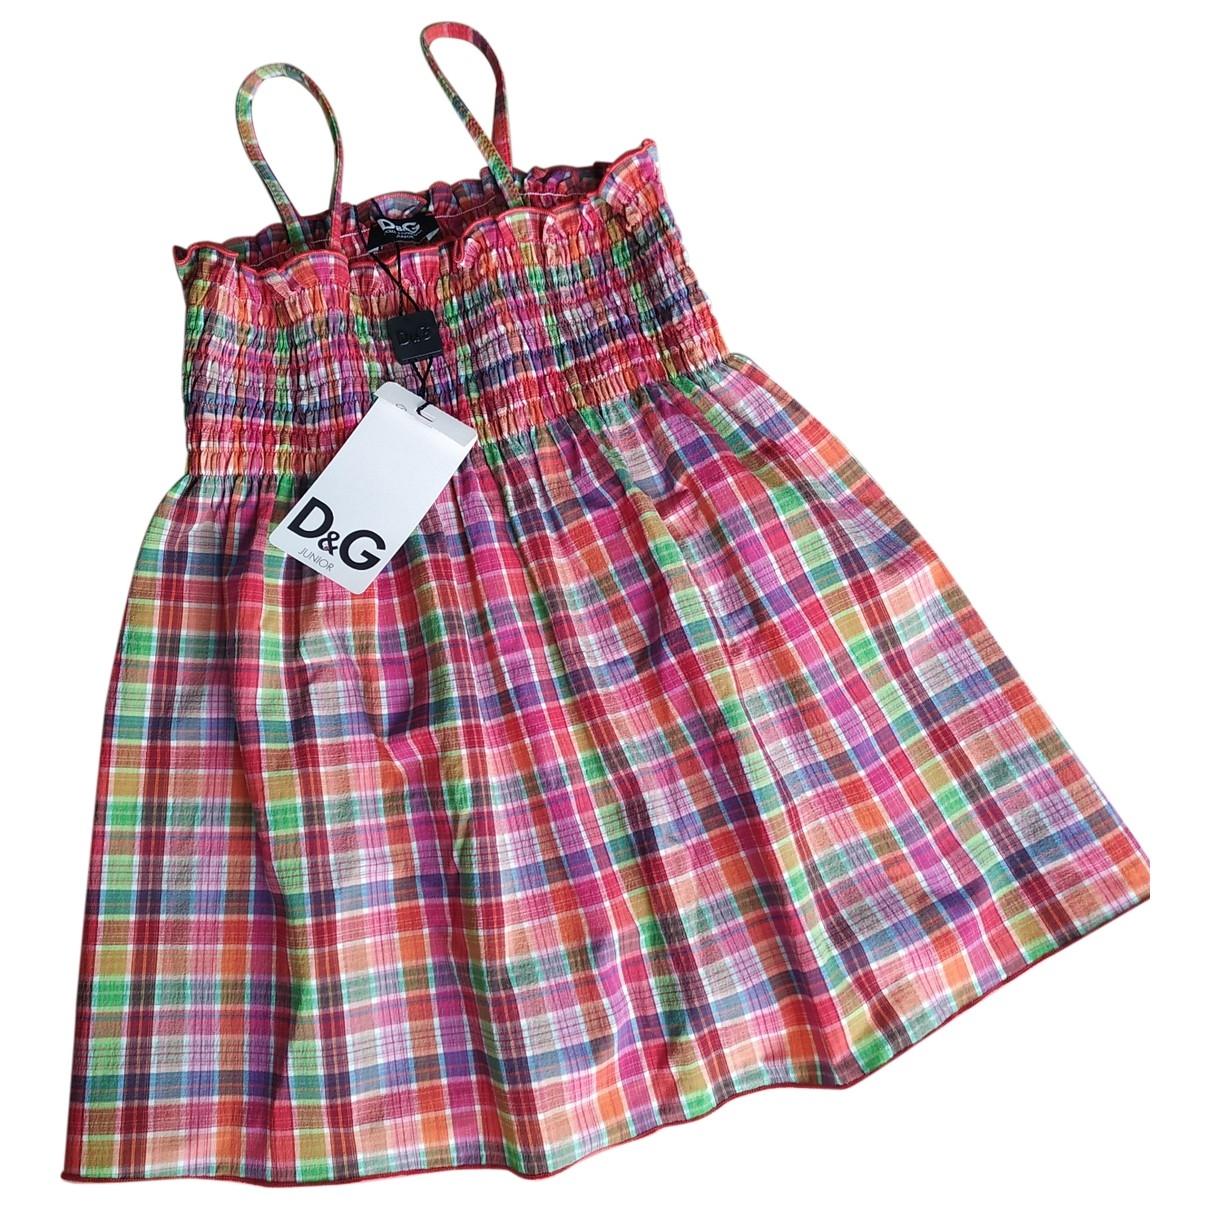 D&g - Robe    pour enfant - multicolore